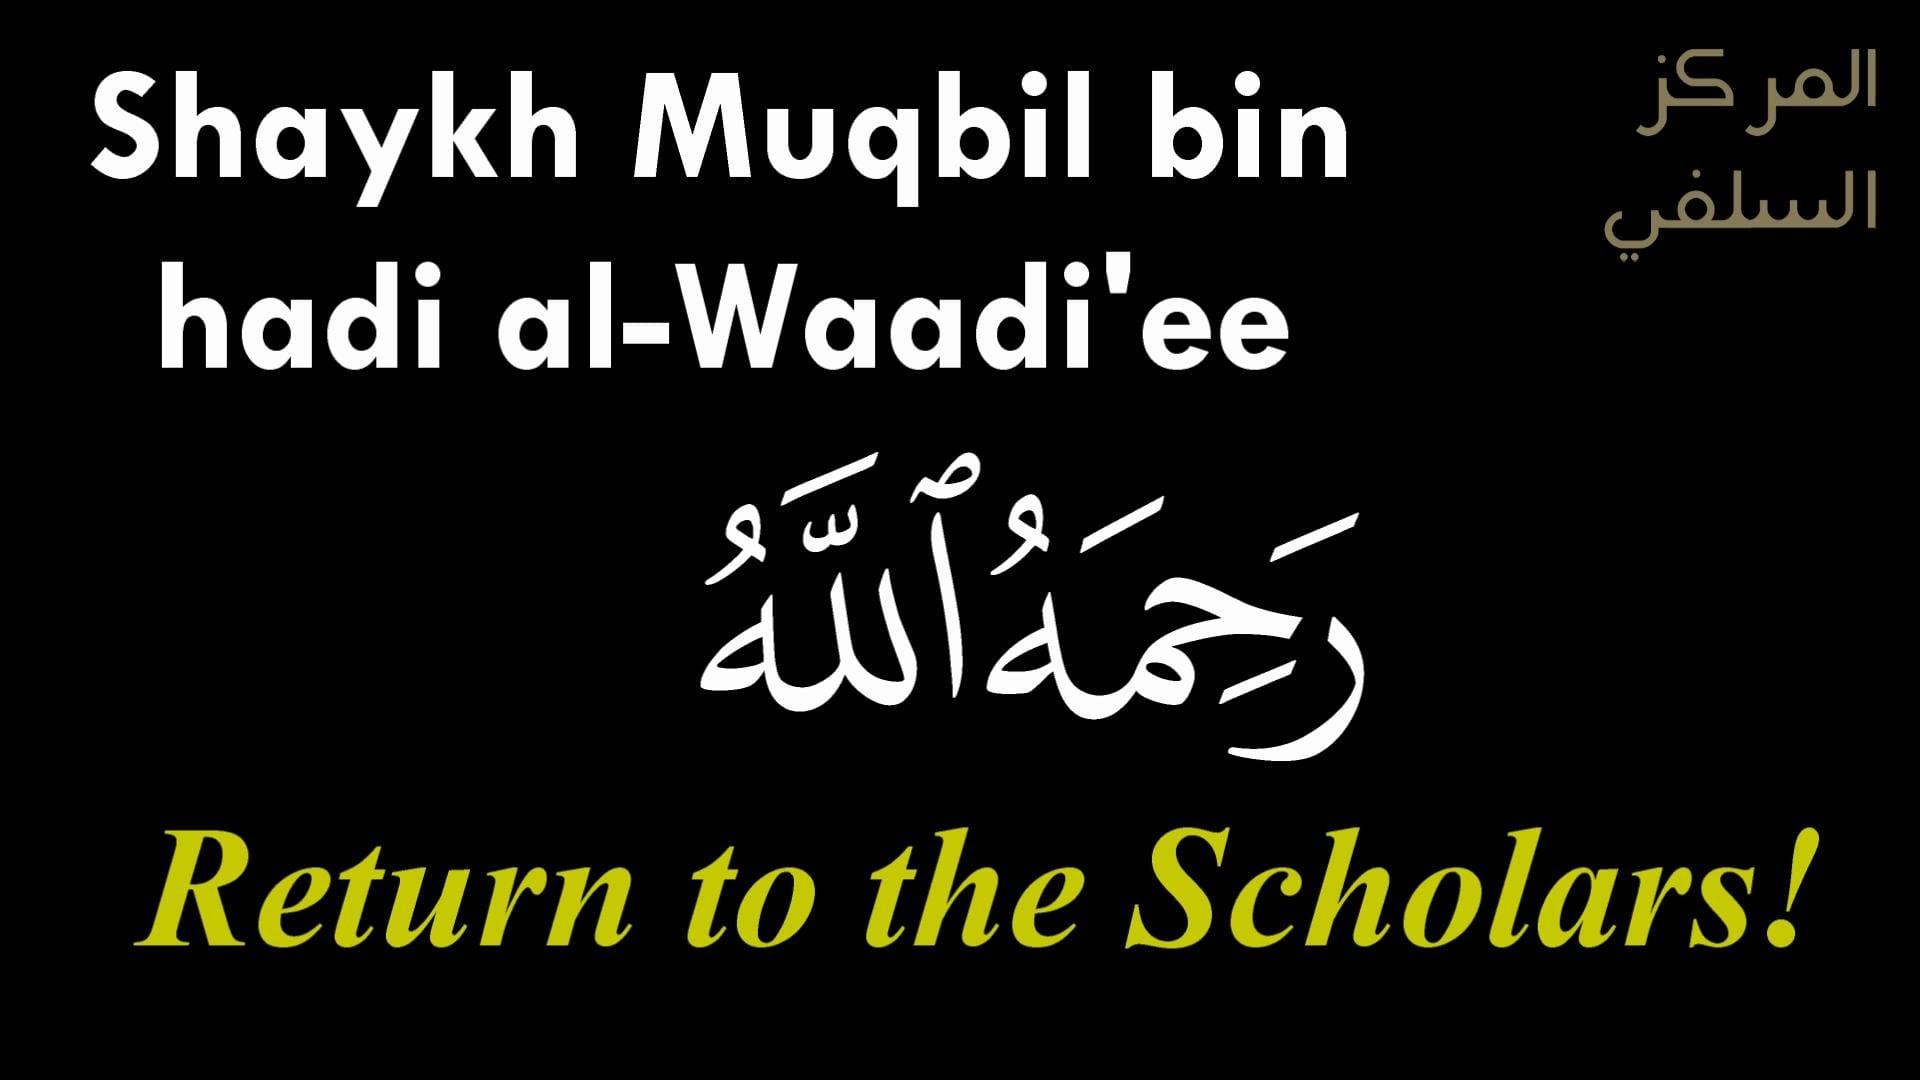 Return to the Scholars   Shaykh Muqbil bin hadi al-Wadi'ee